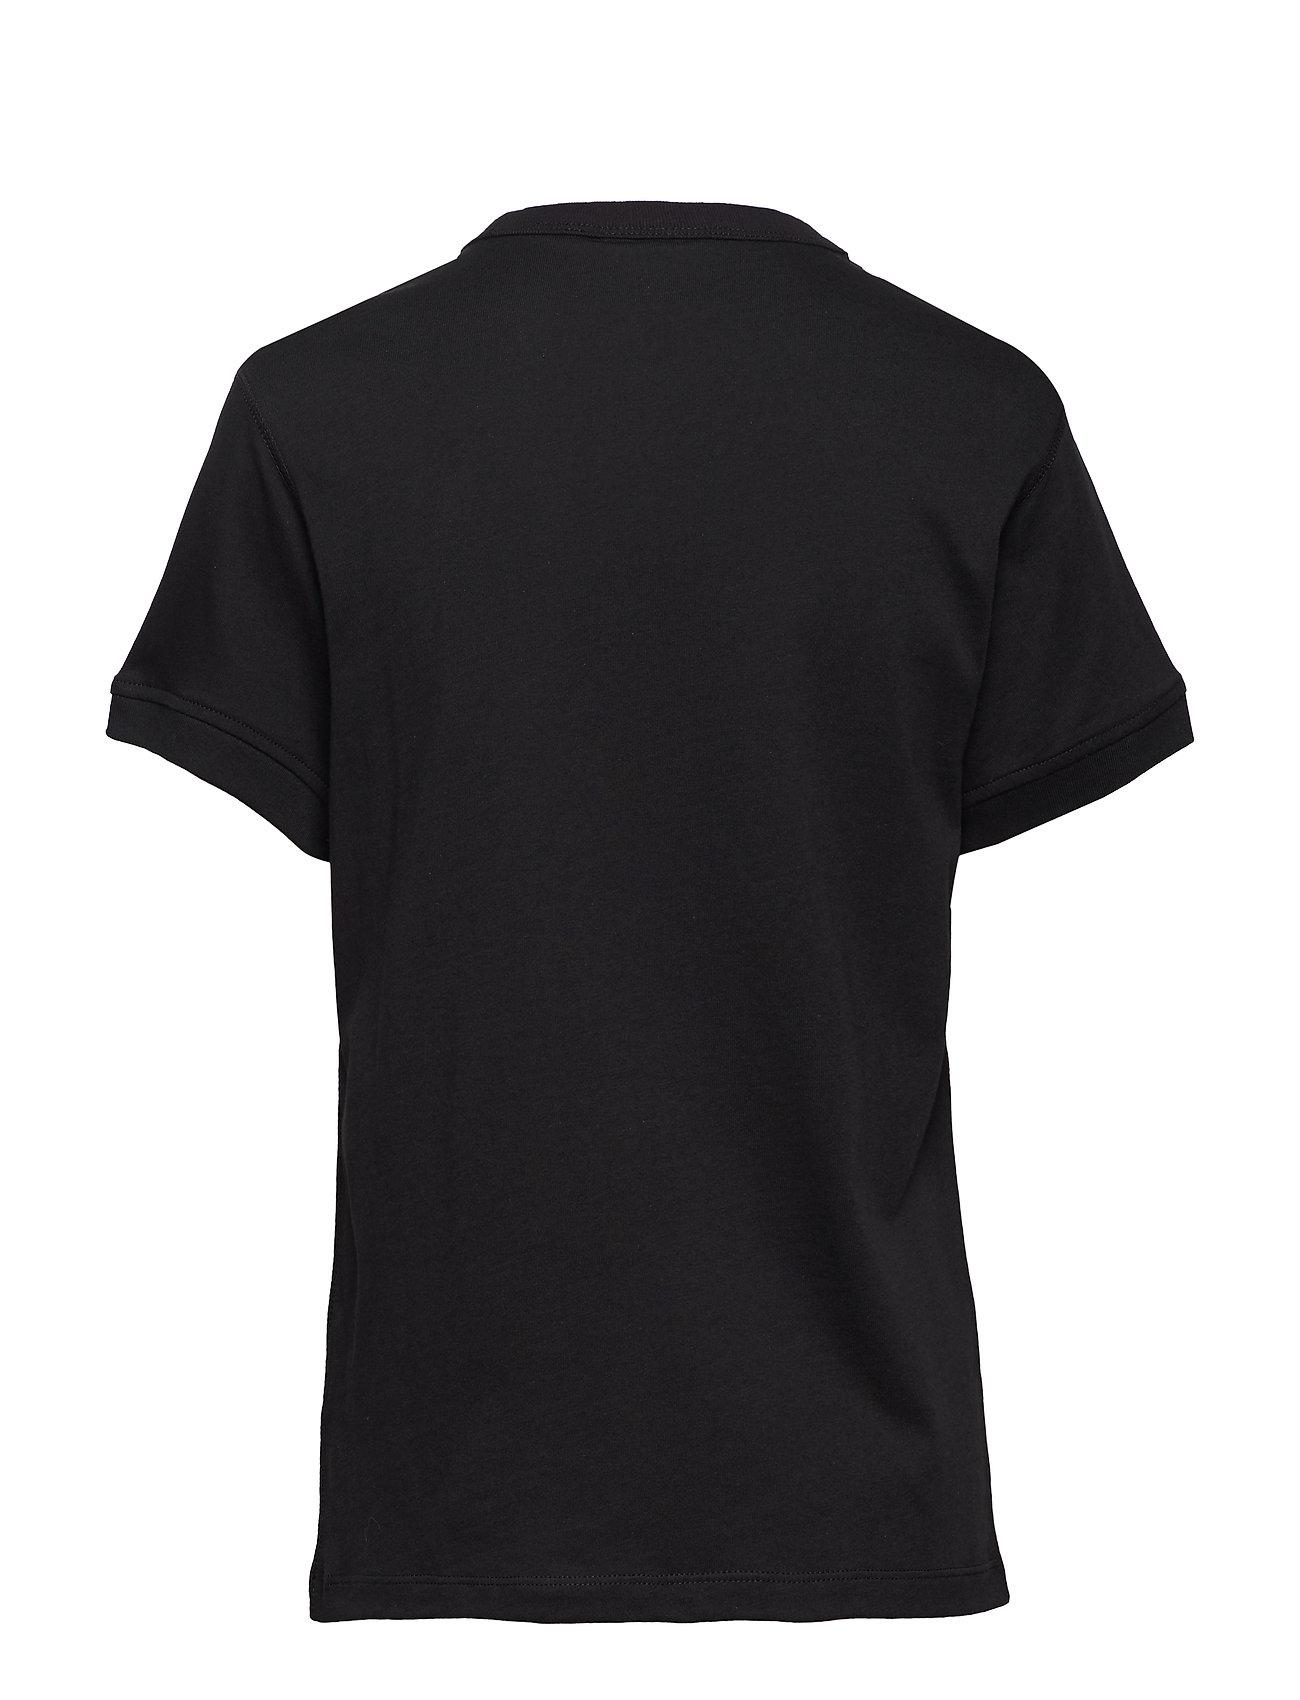 ShirtblackAdidas Originals T T Vocal Originals Vocal ShirtblackAdidas IED9WHY2